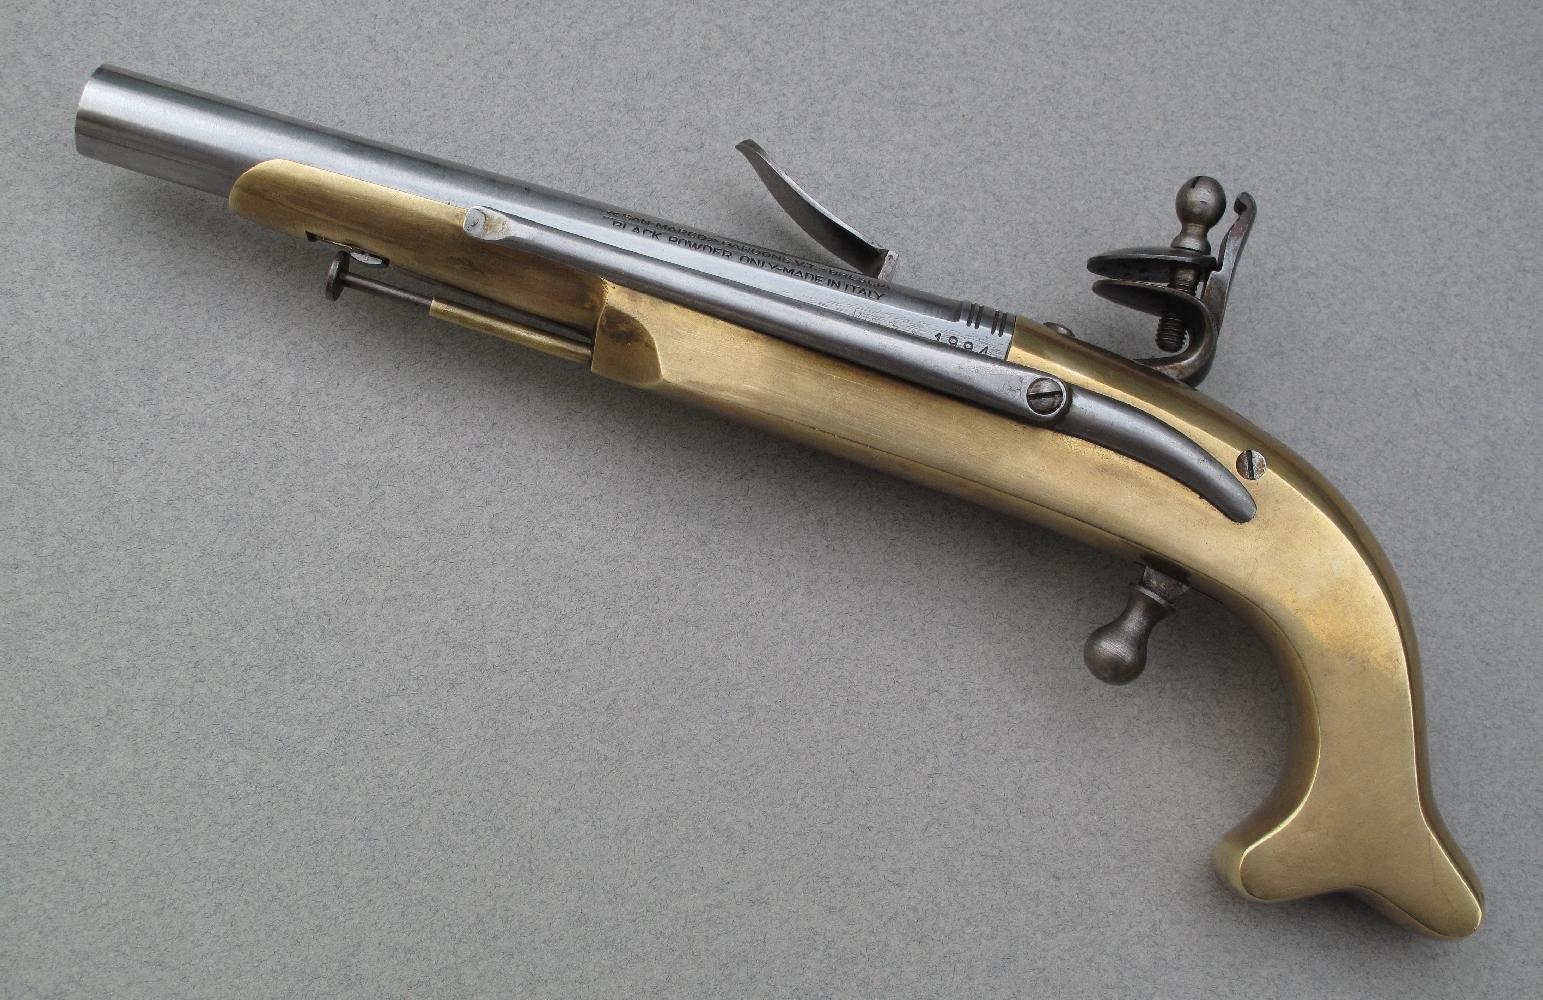 Les pistolets écossais des Highlands, dont ce modèle est une réplique, se singularisent par leur monture métallique, en bronze ou en acier, par leur talon de poignée en forme de cornes ou comme ici de queue de carpe et par le présence d'un crochet de ceinture.